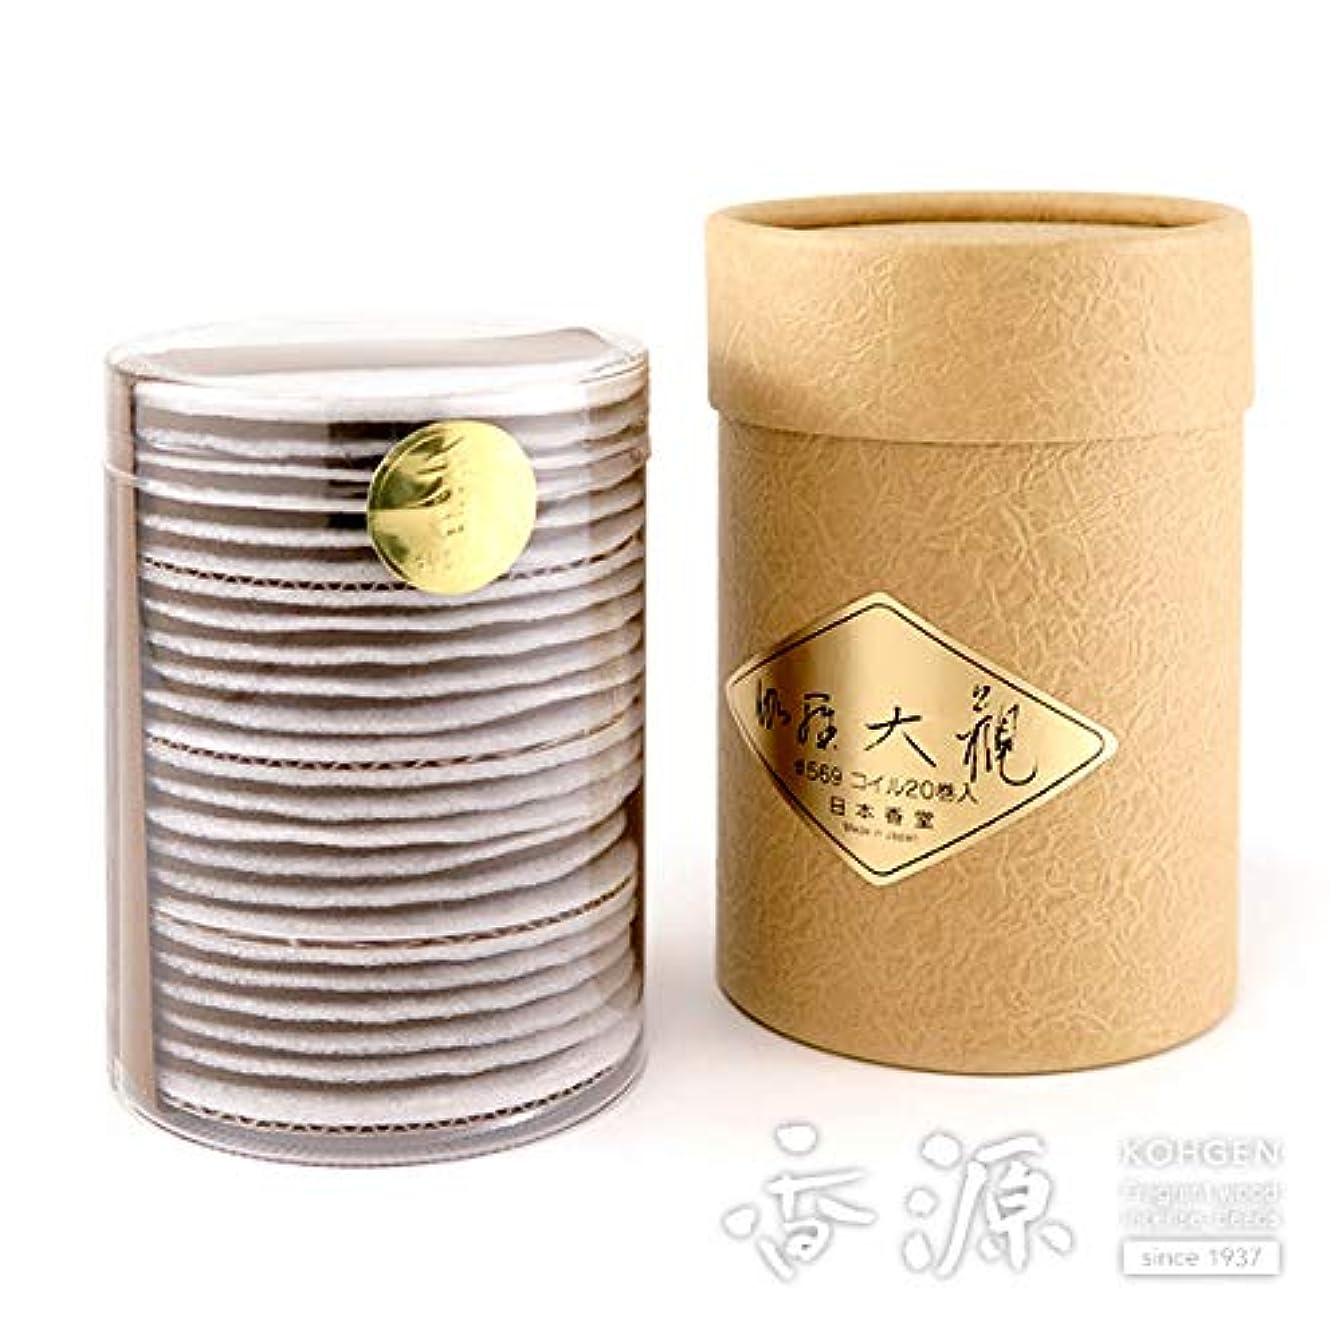 迷信好み食器棚日本香堂のお香 伽羅大観 徳用渦巻20枚入 【送料無料】